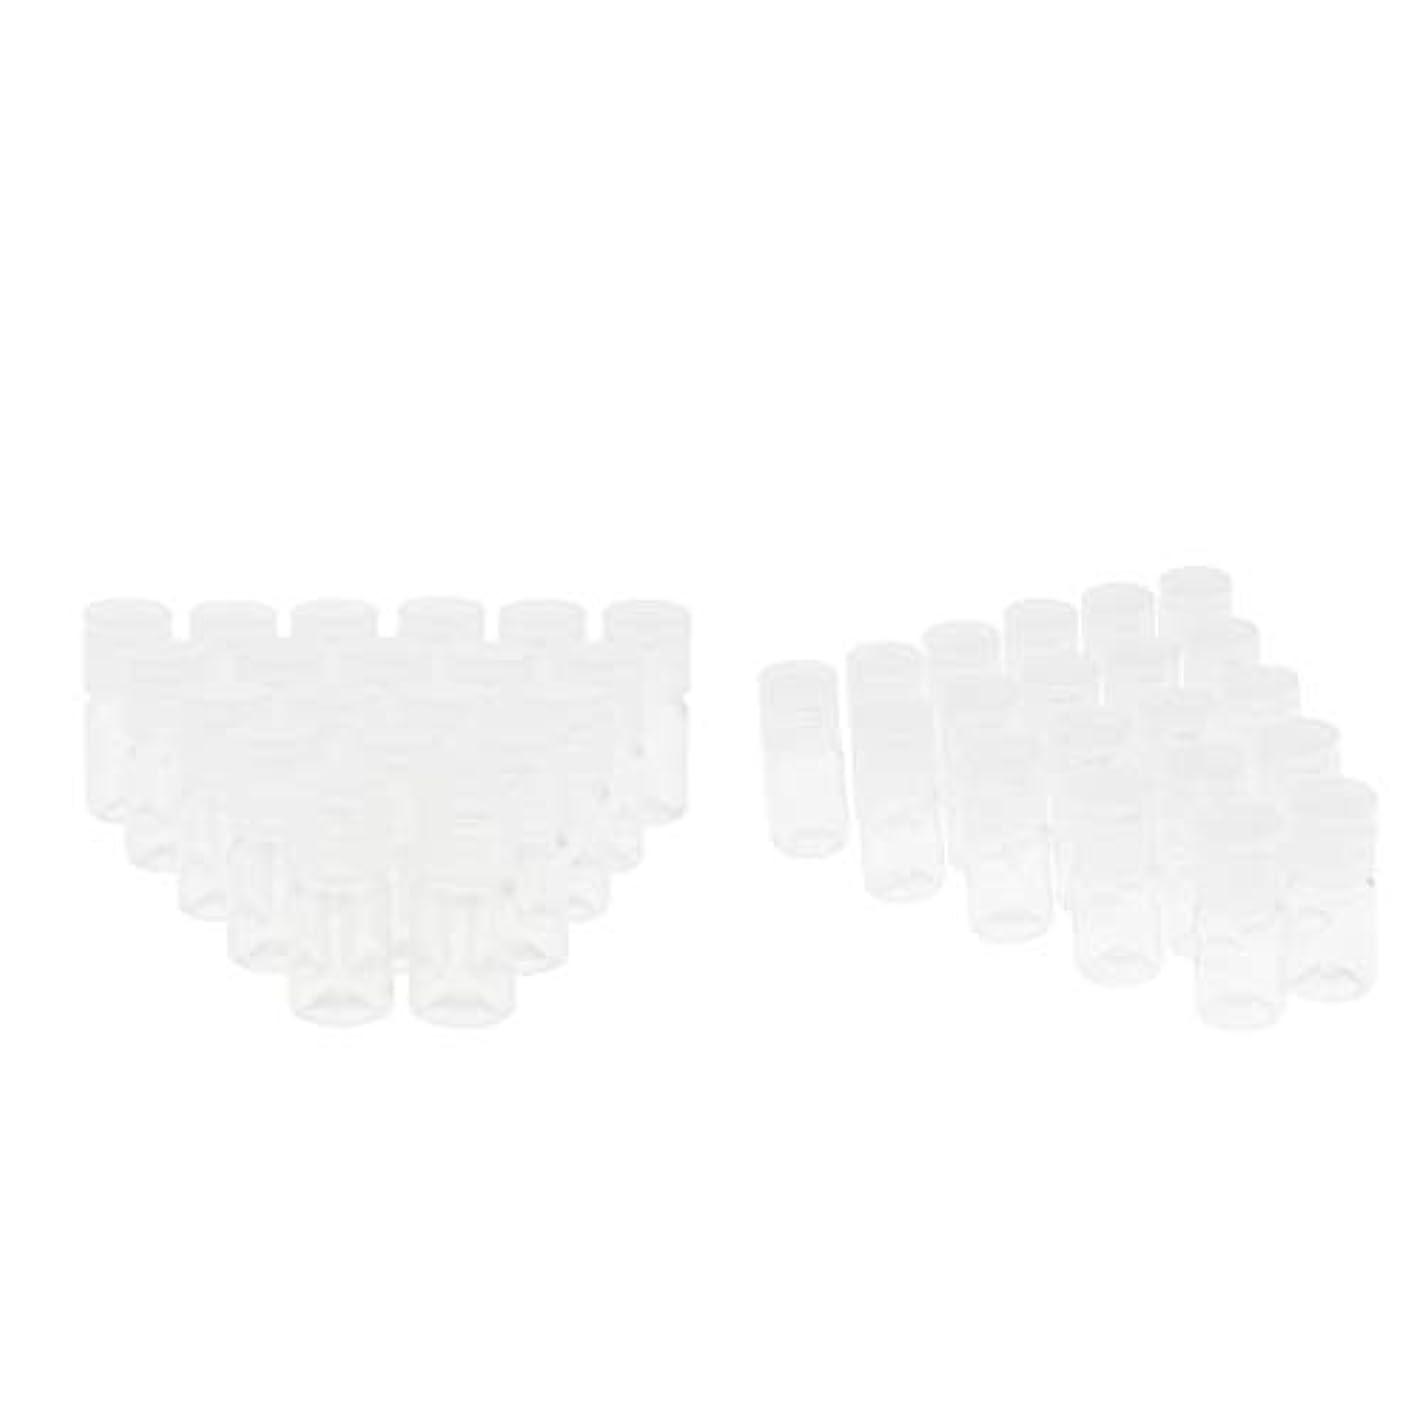 会話甘くする真鍮Baoblaze 空のびん フリップ帽子 旅行 液体容器が付 5ml プラスチック 約40個